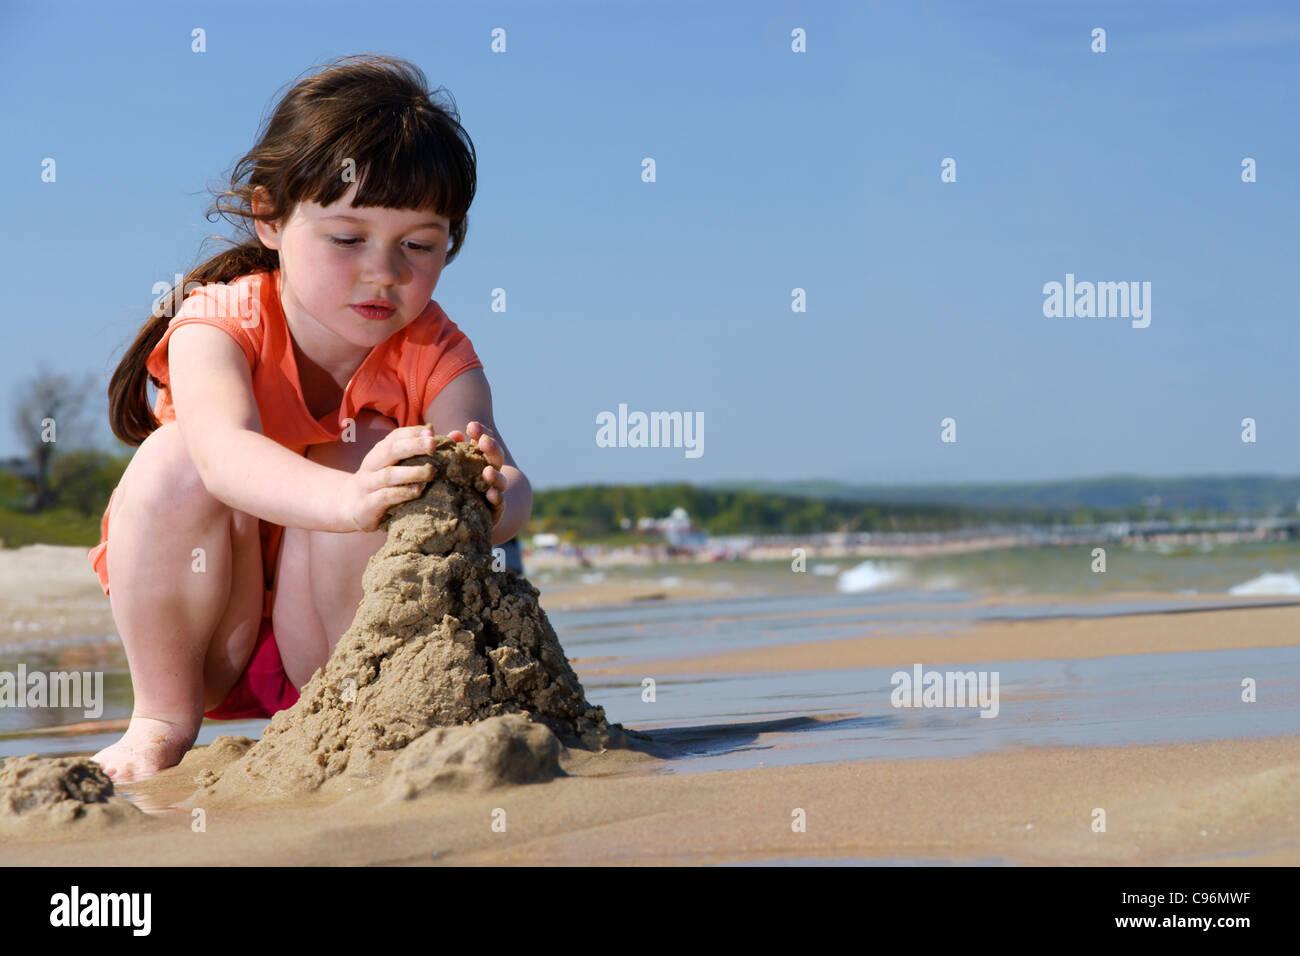 Les enfants sur la plage, jeune fille jouant dans le sable